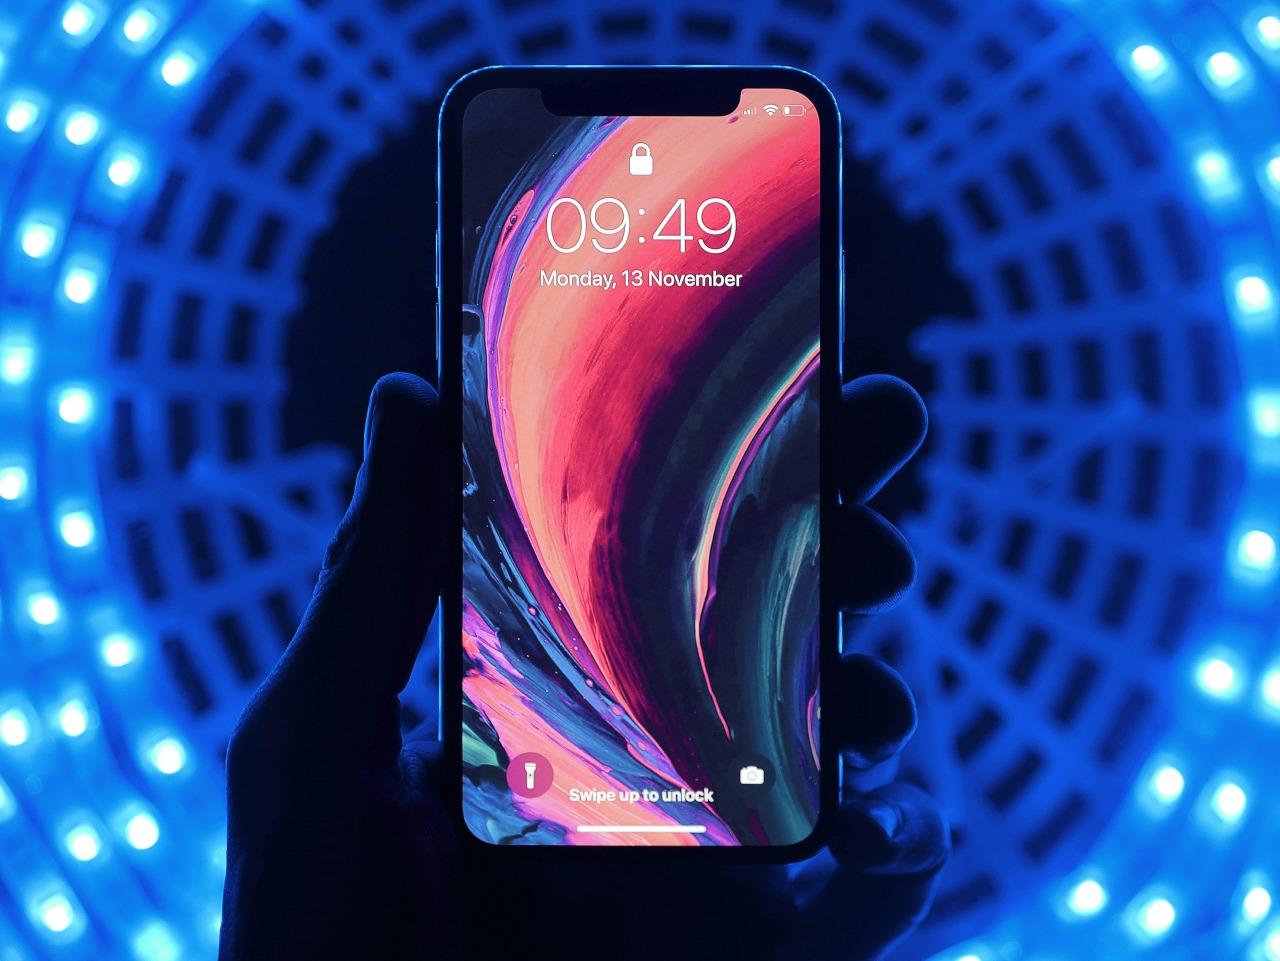 iPhoneでも格安SIMって使えるの?